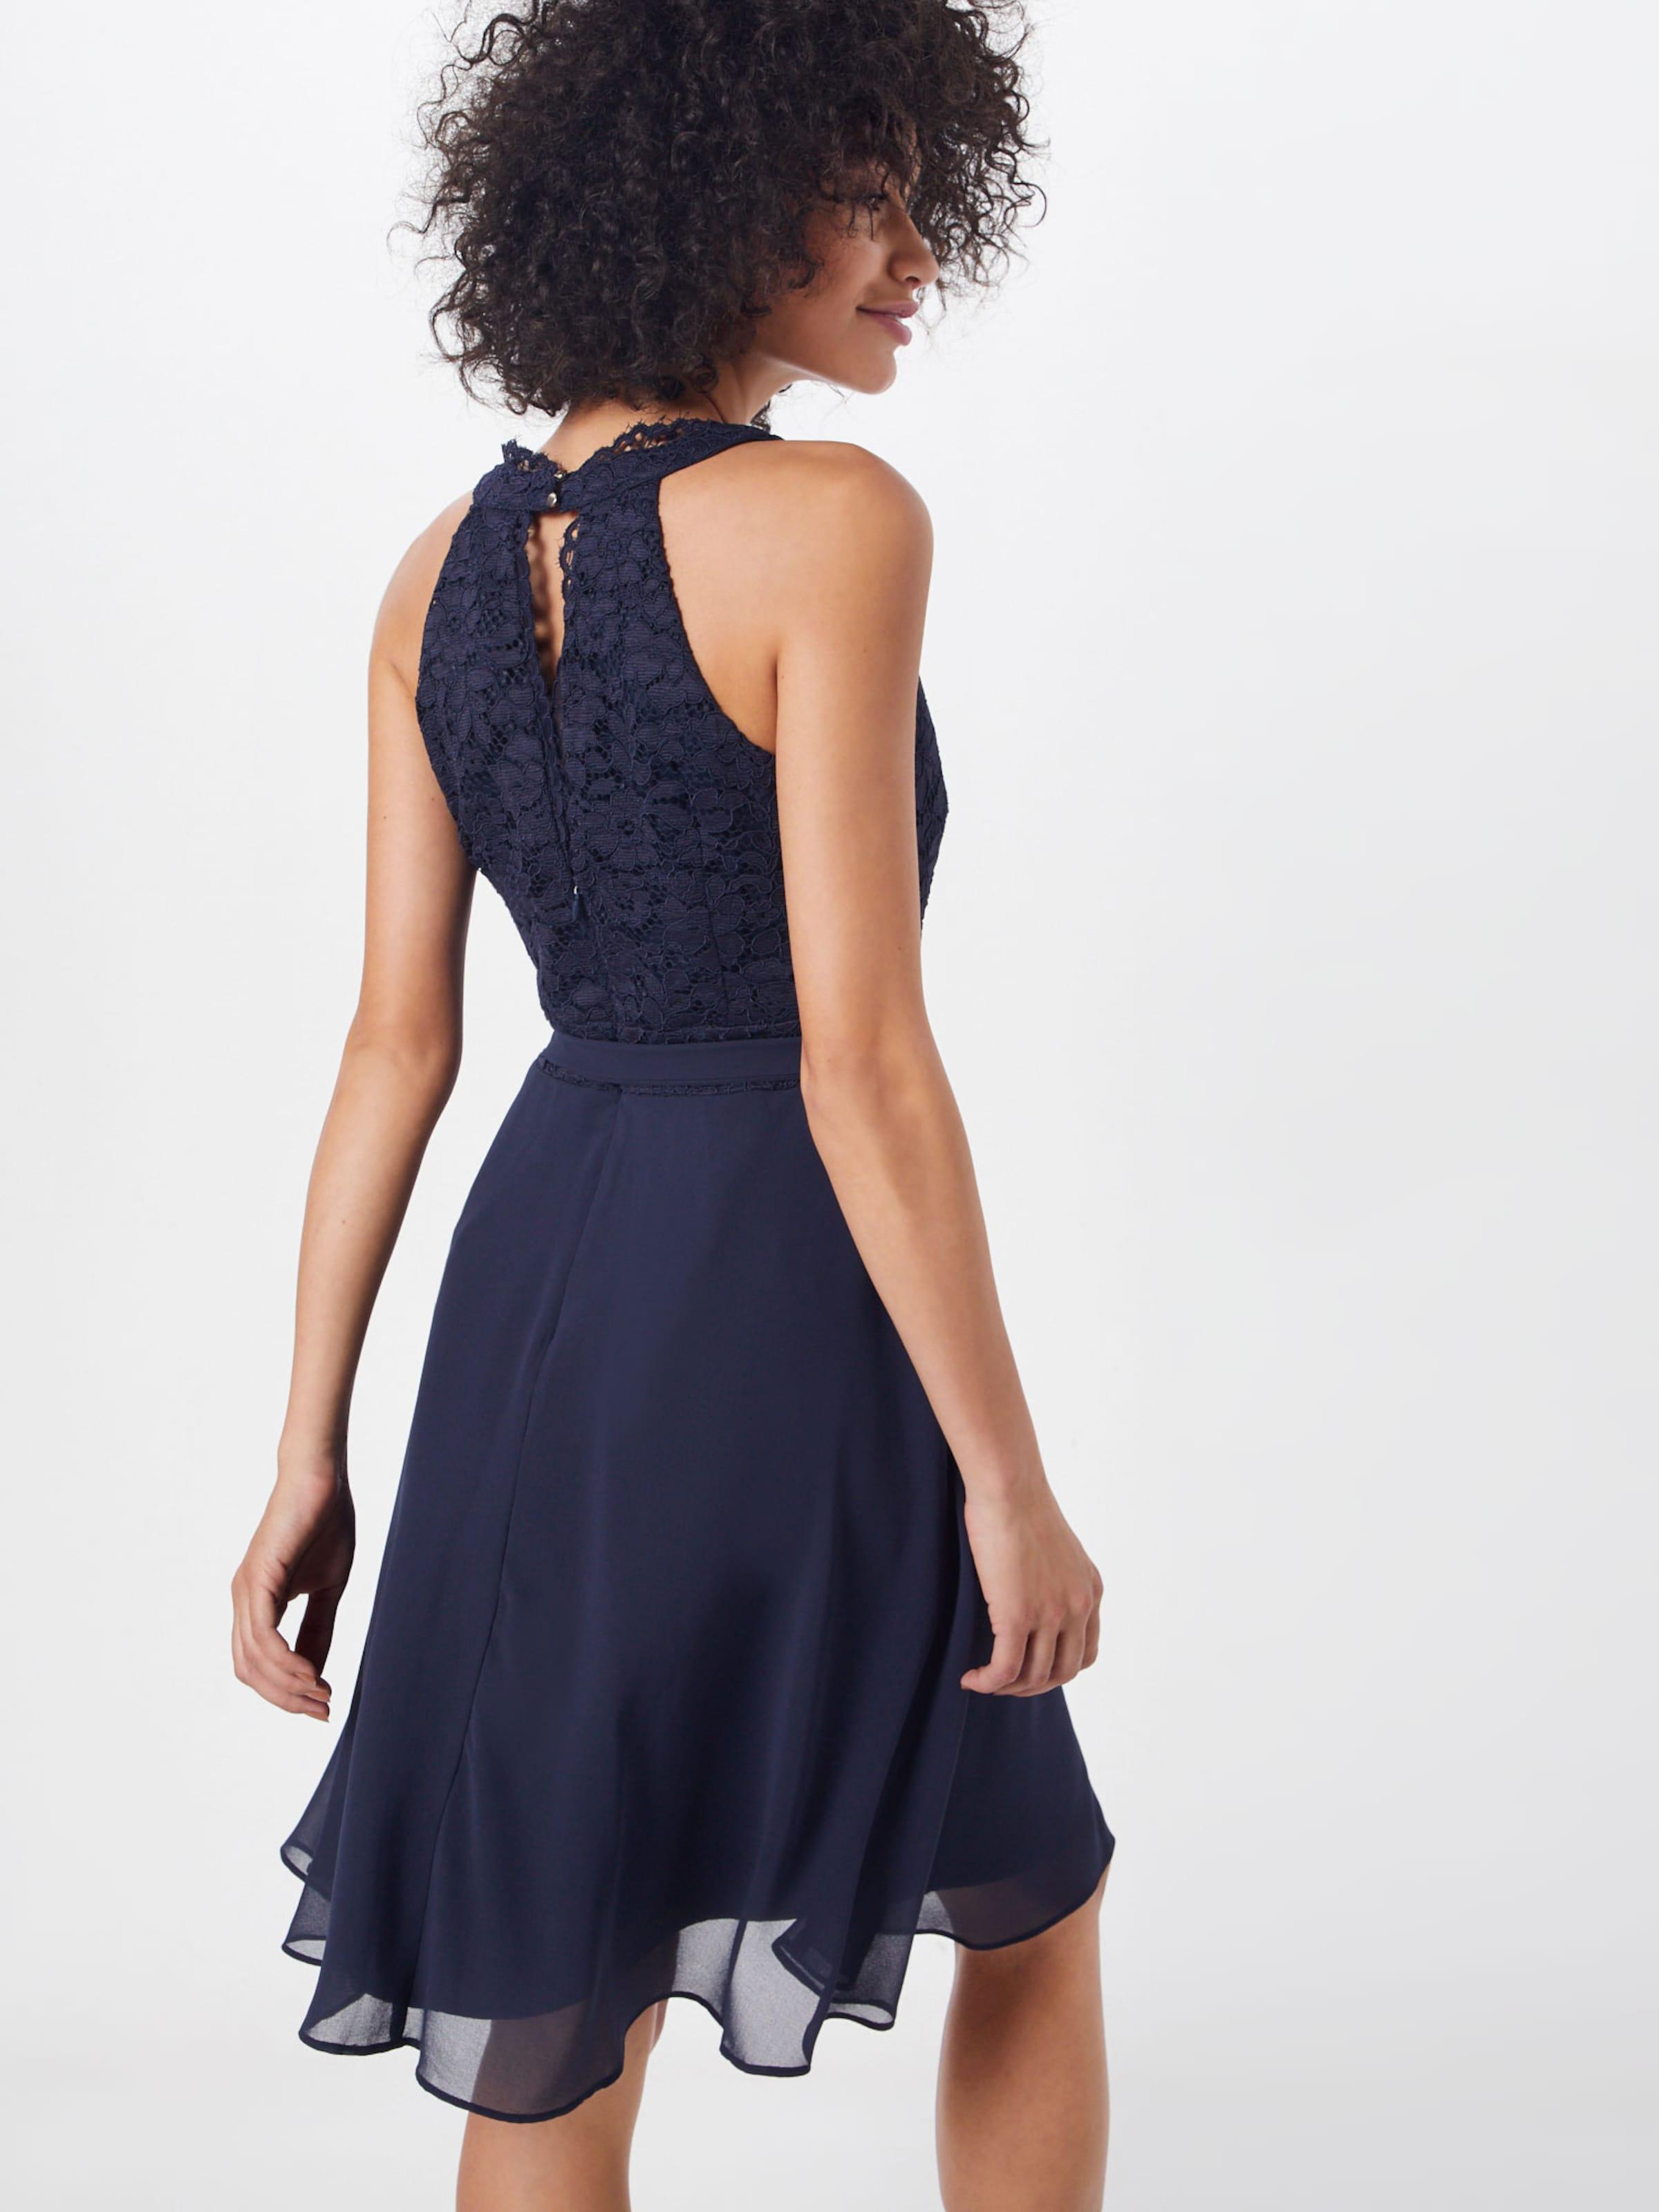 Kleid In Esprit Collection Kleid In Navy Esprit Collection lK15uTFJc3